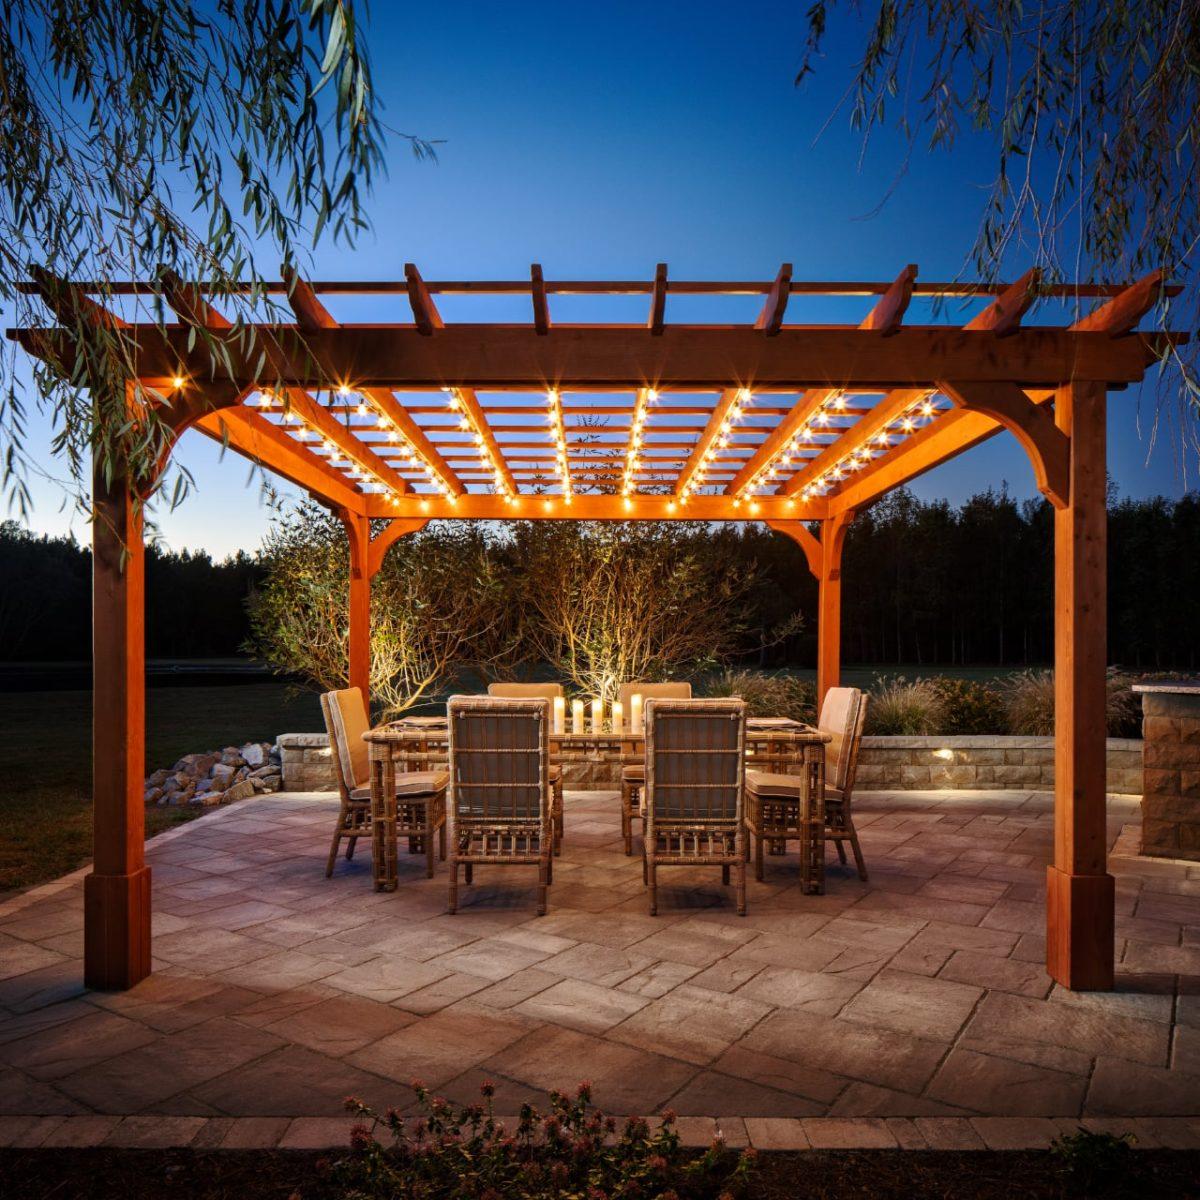 A Belgard outdoor dining room at night